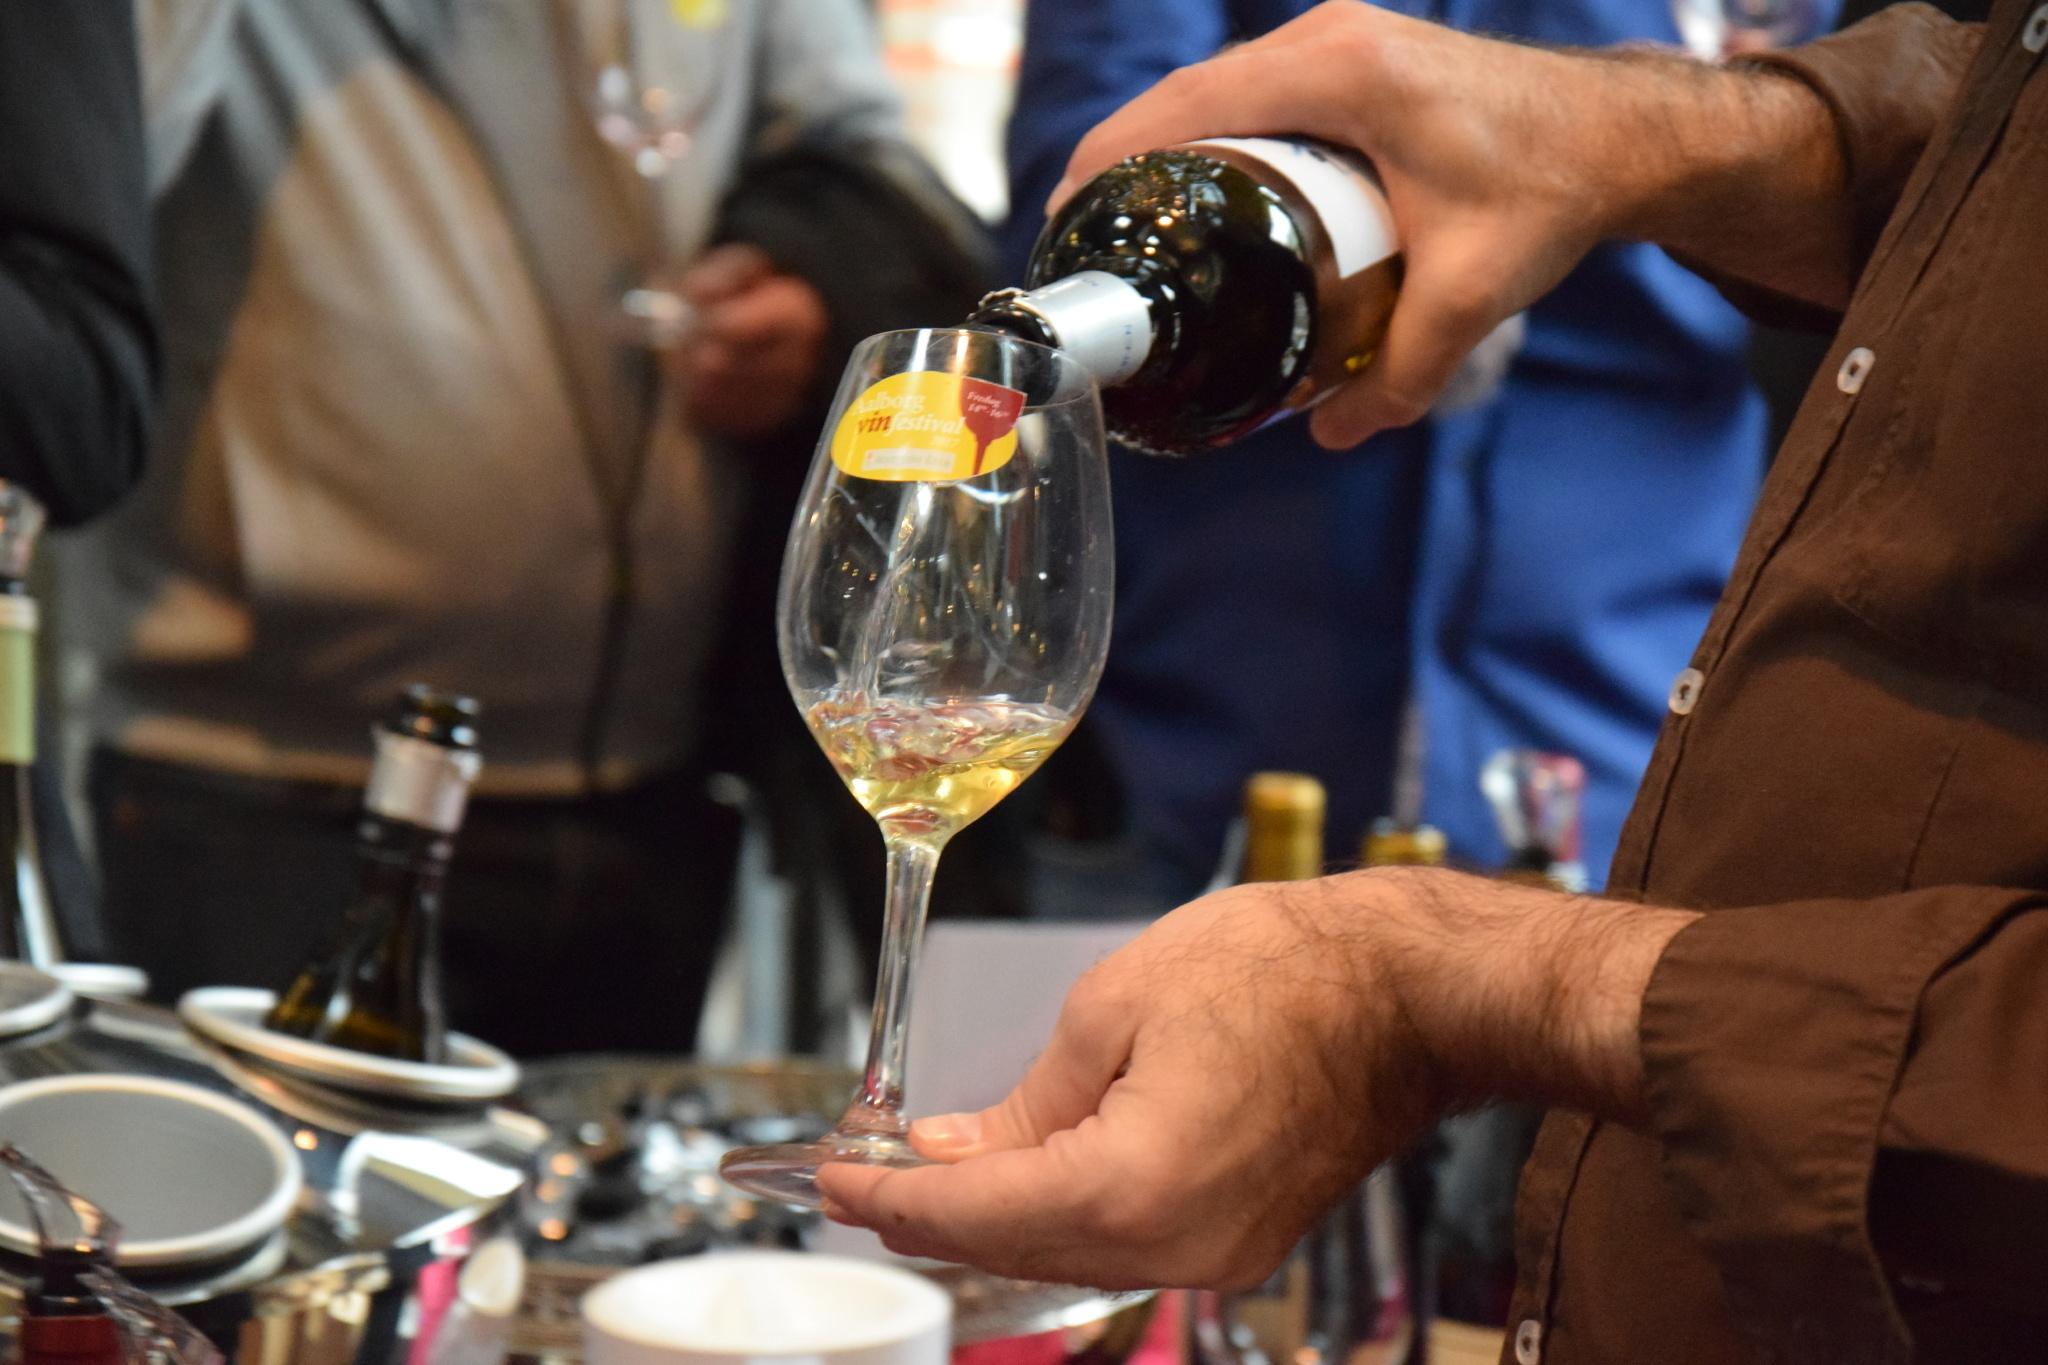 Det er blot en god måneds tid siden, der sidst var vinfestival - nu er arrangørerne klar med en ny dato. PR-foto